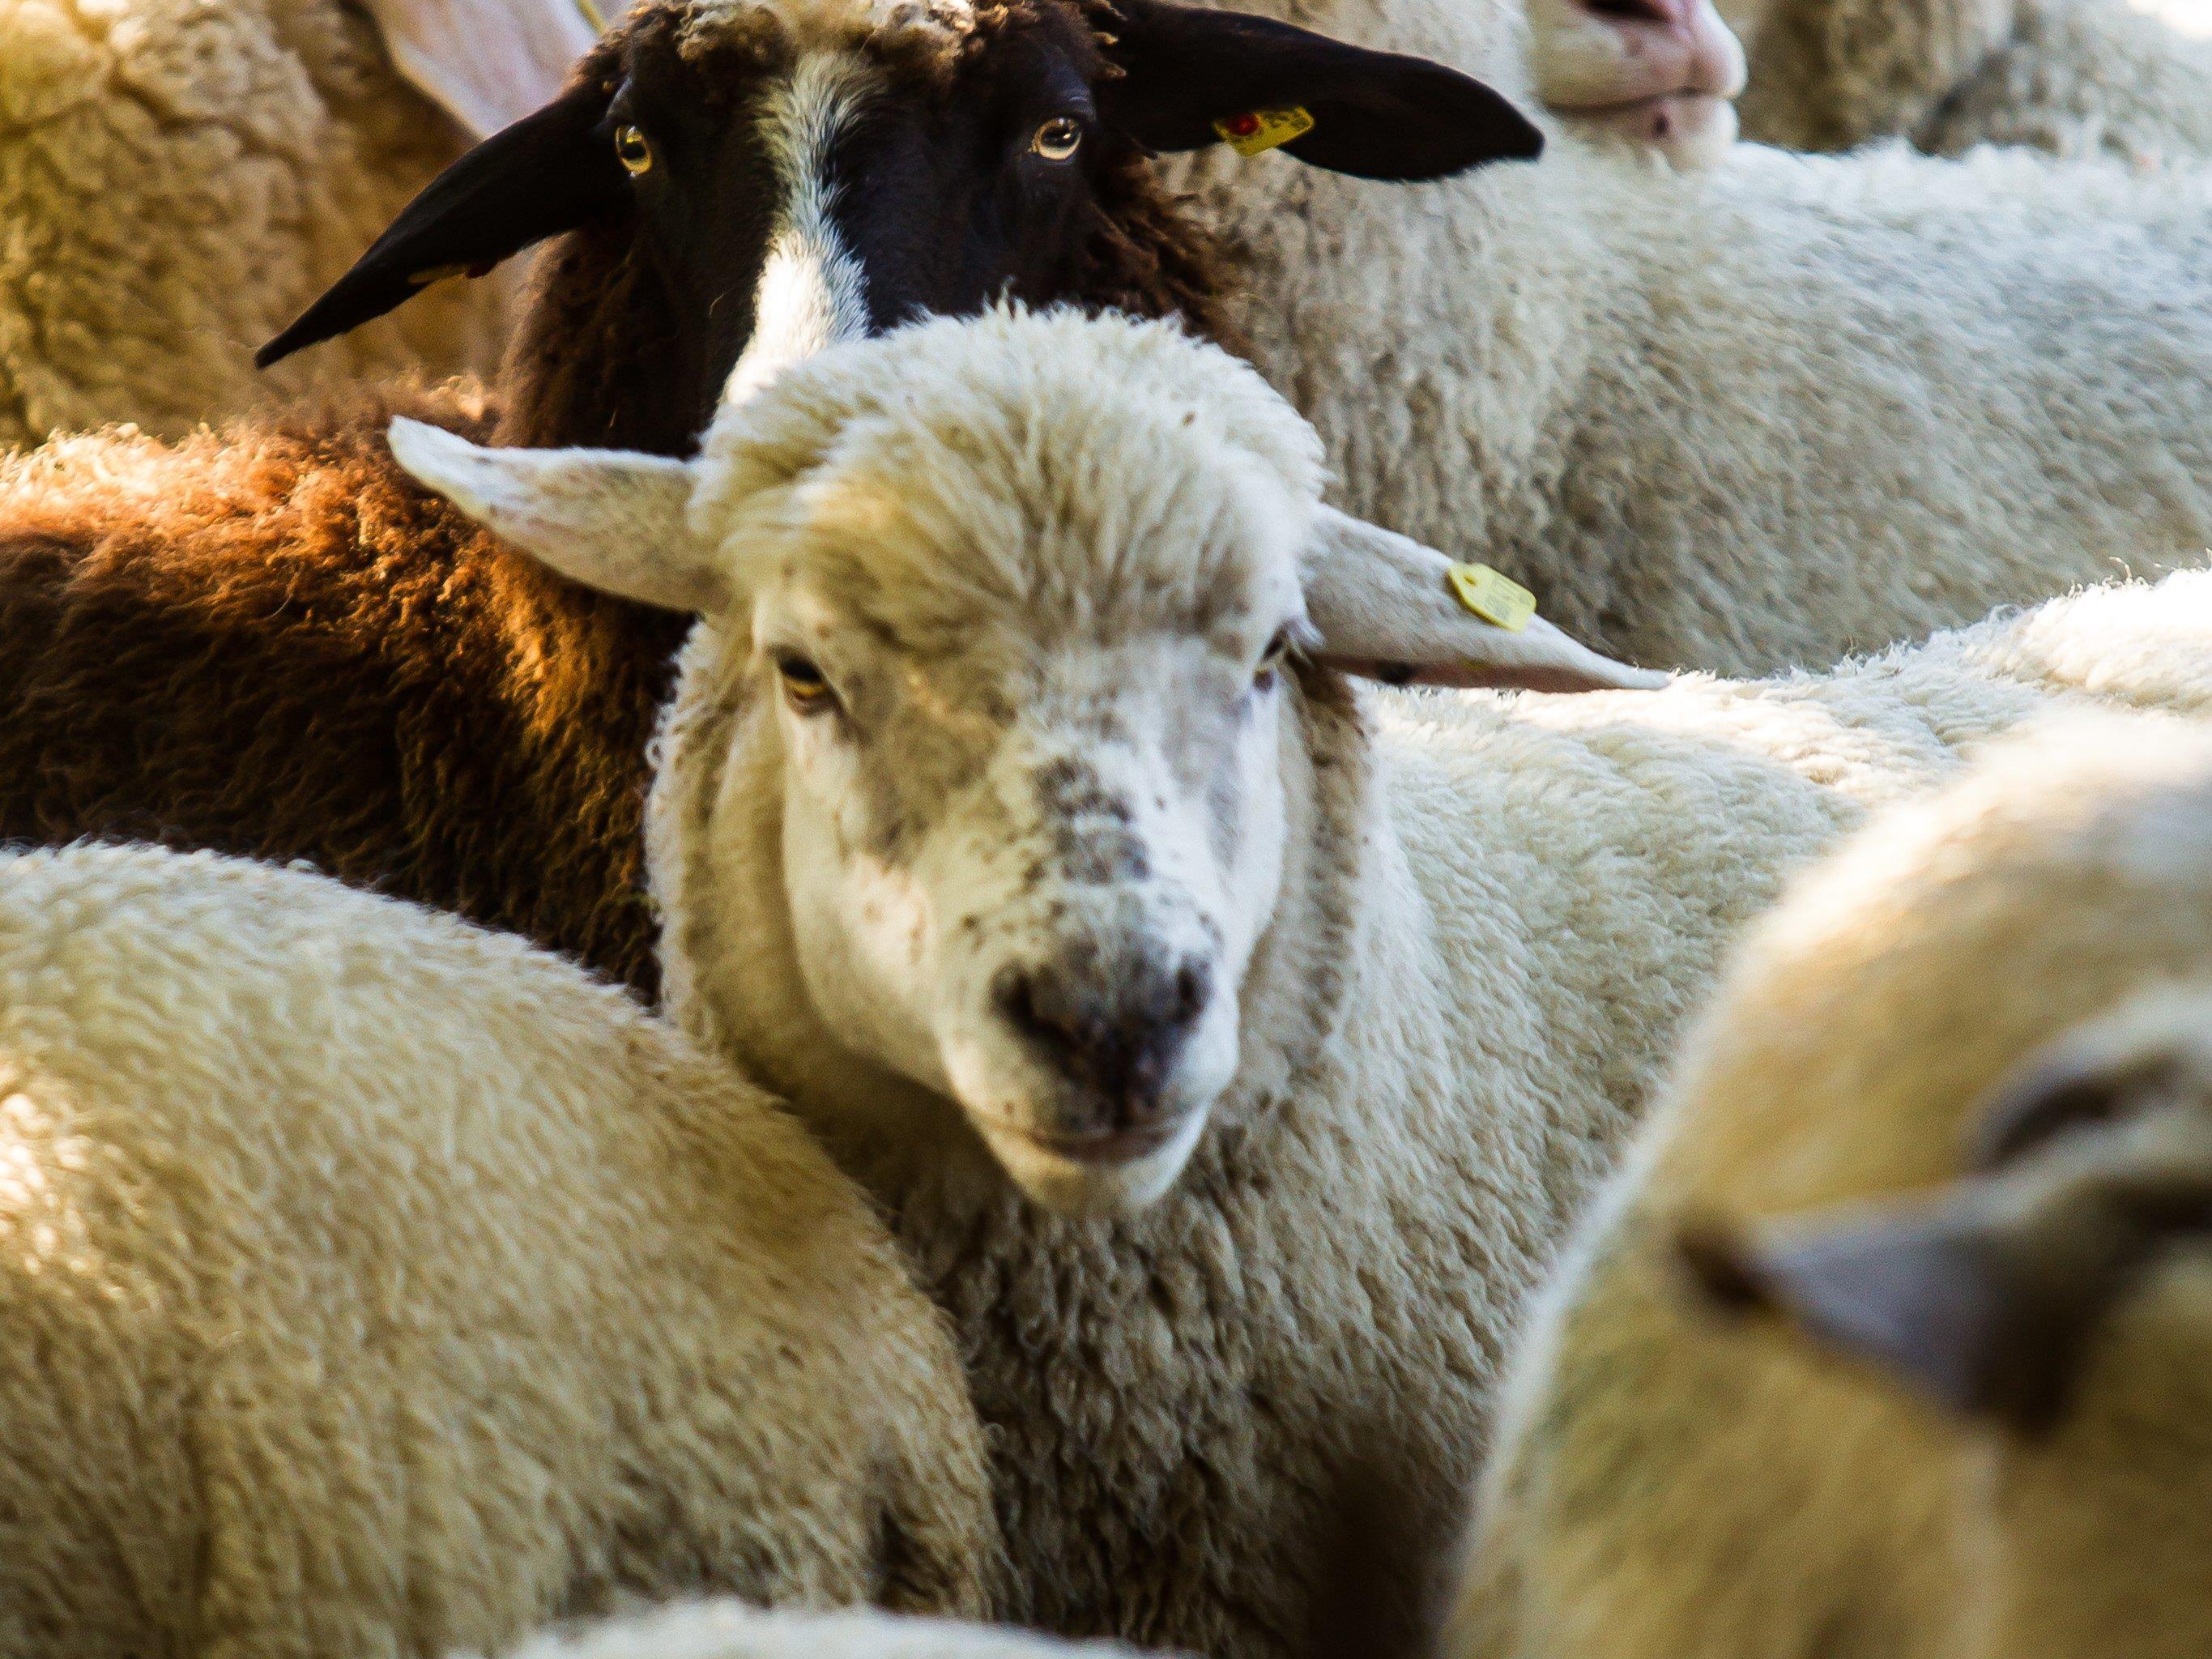 Grasende Schafe sorgen bei einem Anrainer für Unmut. Das Geräusch der Glocken ist ihm zu laut.